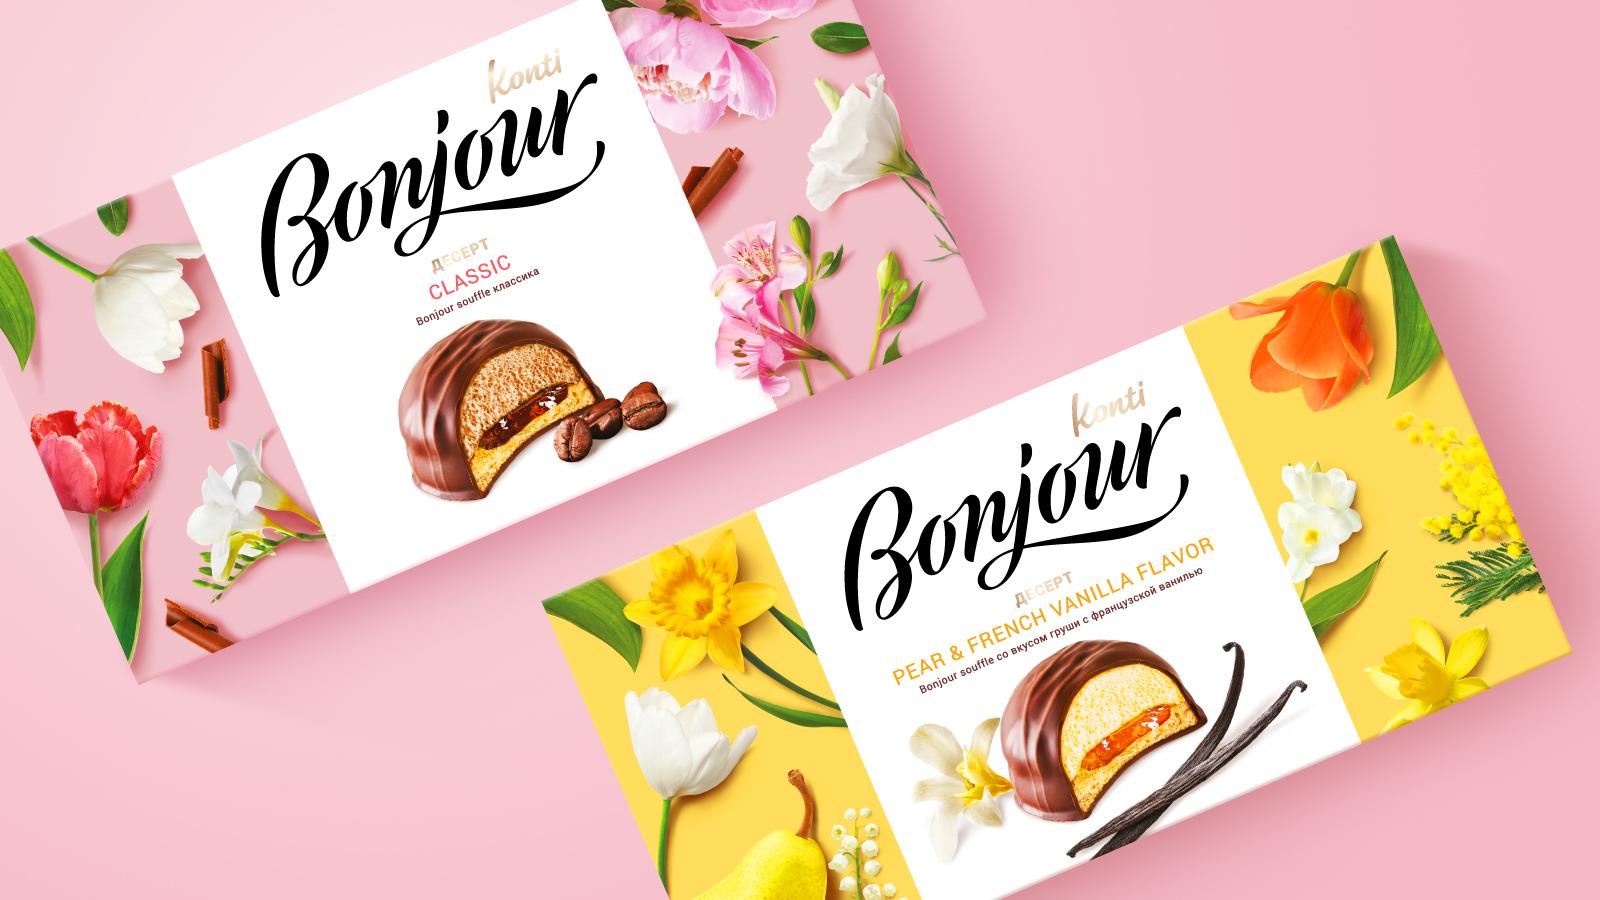 Разработка индивидуального дизайна упаковки десерта Bonjour к Восьмому марта